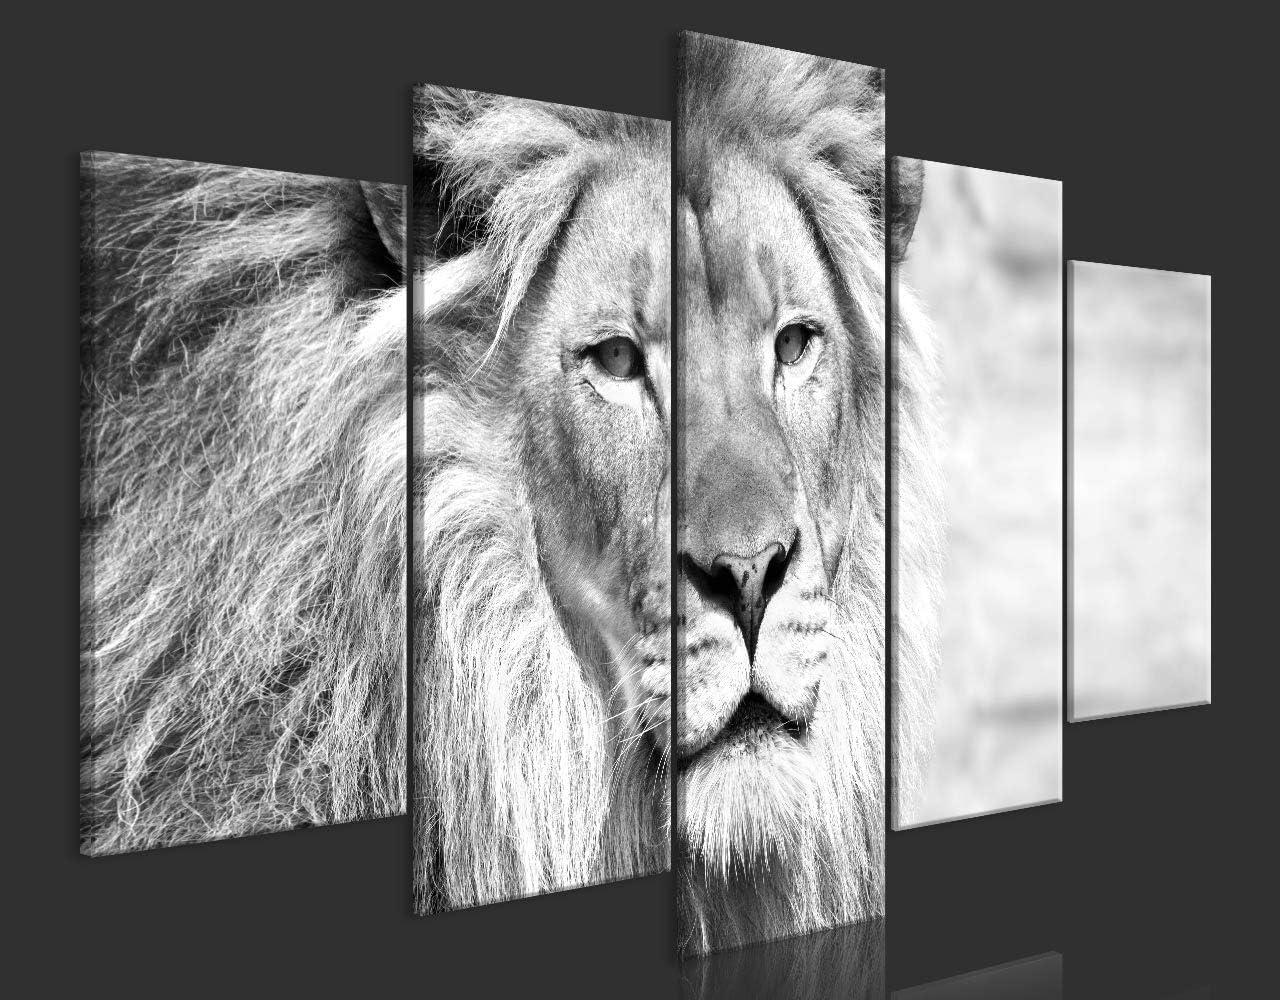 Cuadro en Lienzo Le/ón 100x50 cm Impresi/ón de 5 Piezas Material Tejido no Tejido Impresi/ón Art/ística Imagen Gr/áfica Decoracion de Pared Colorido Animales g-B-0075-b-n murando